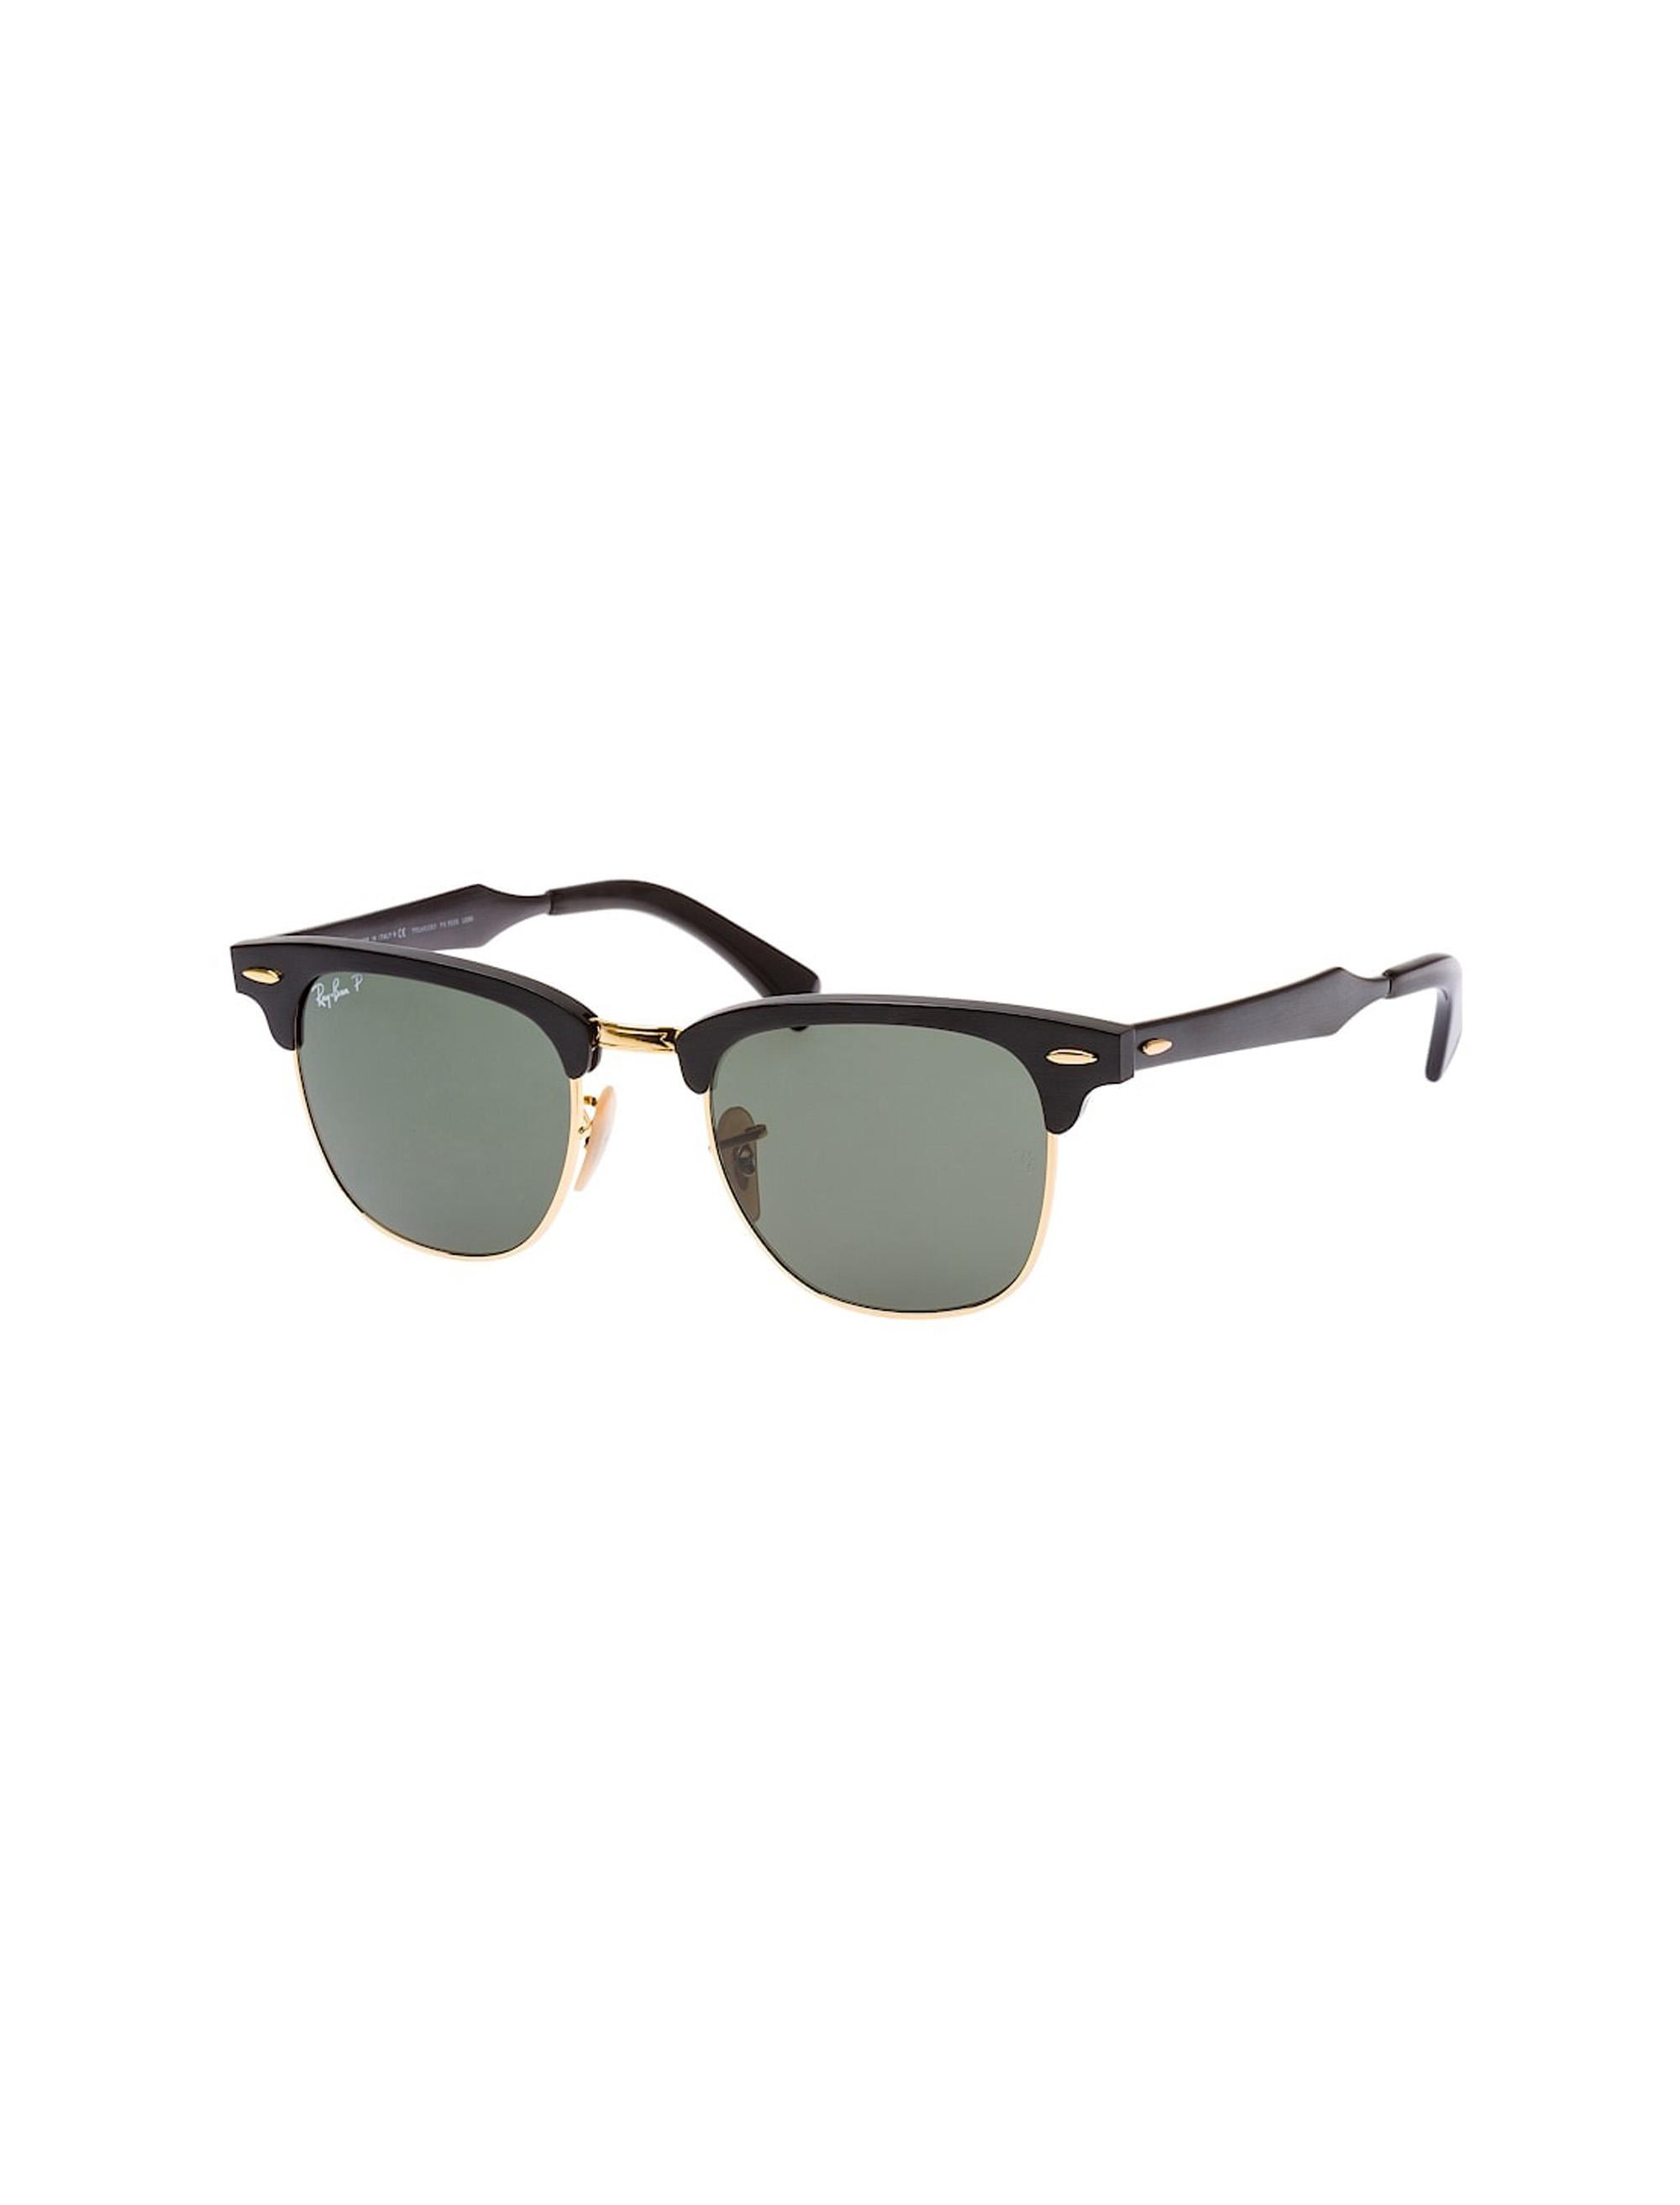 عینک آفتابی ری بن مدل 3507-136/N5